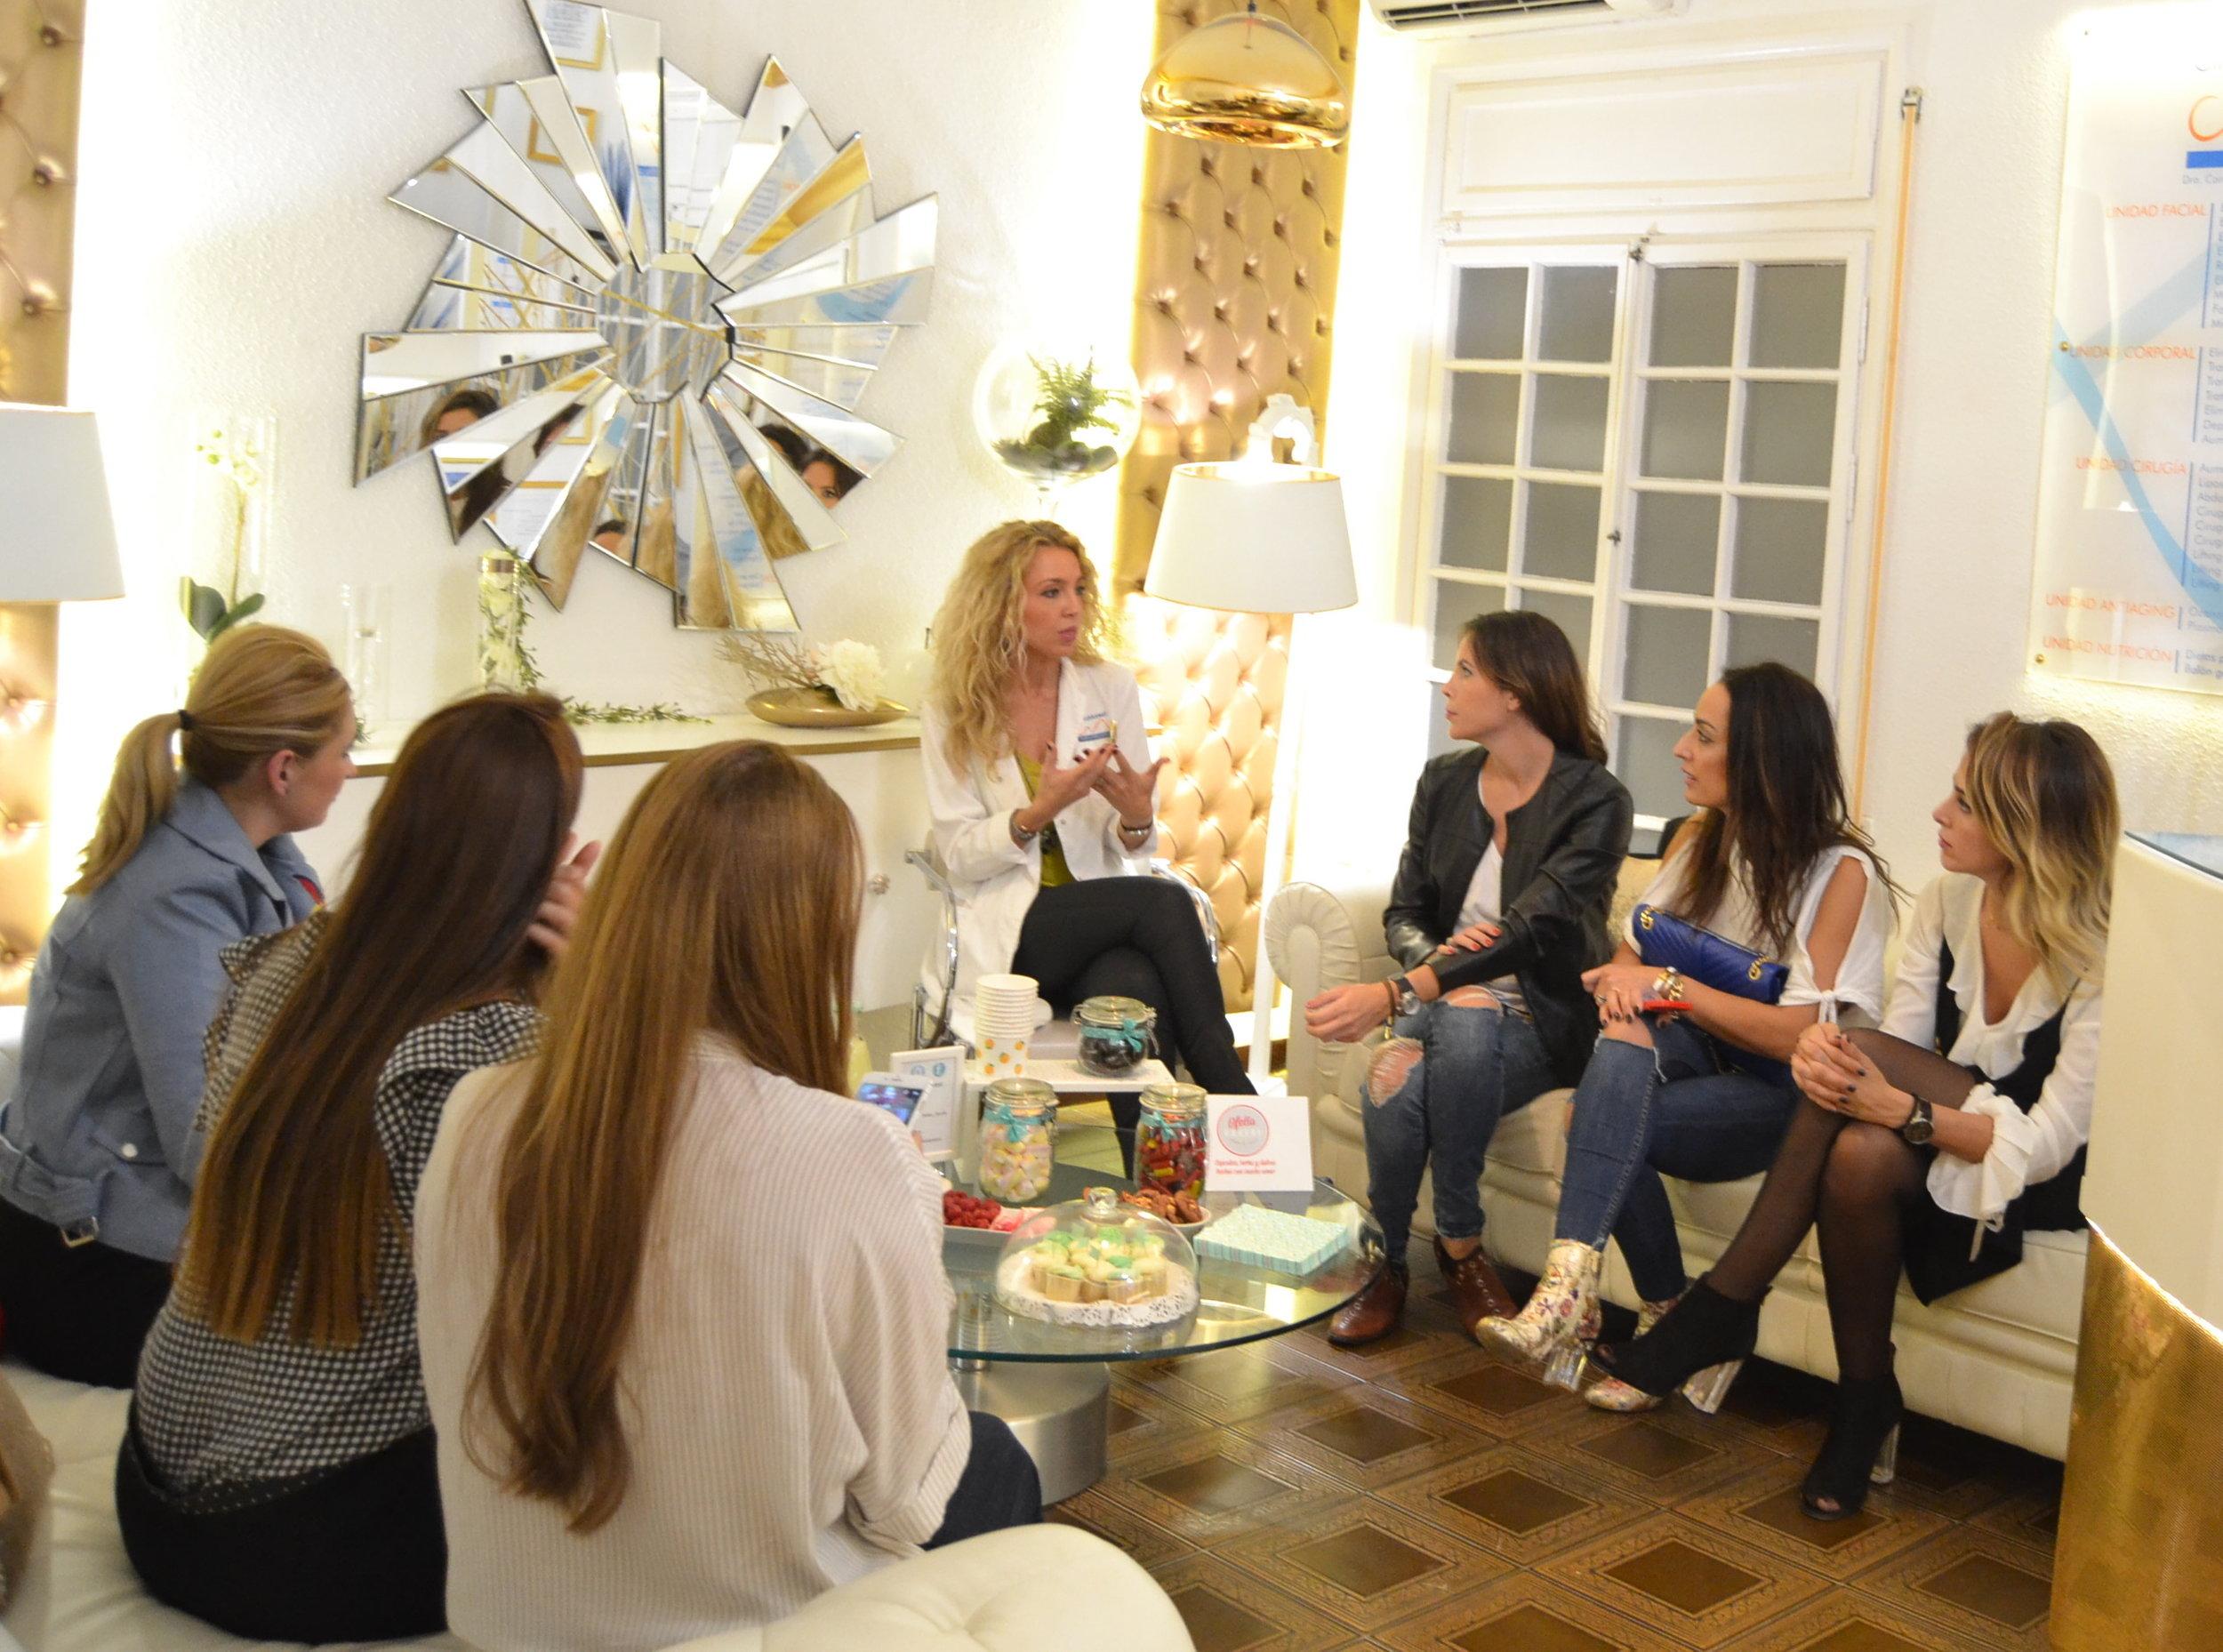 evento-clinica-marest-influencers (19).JPG